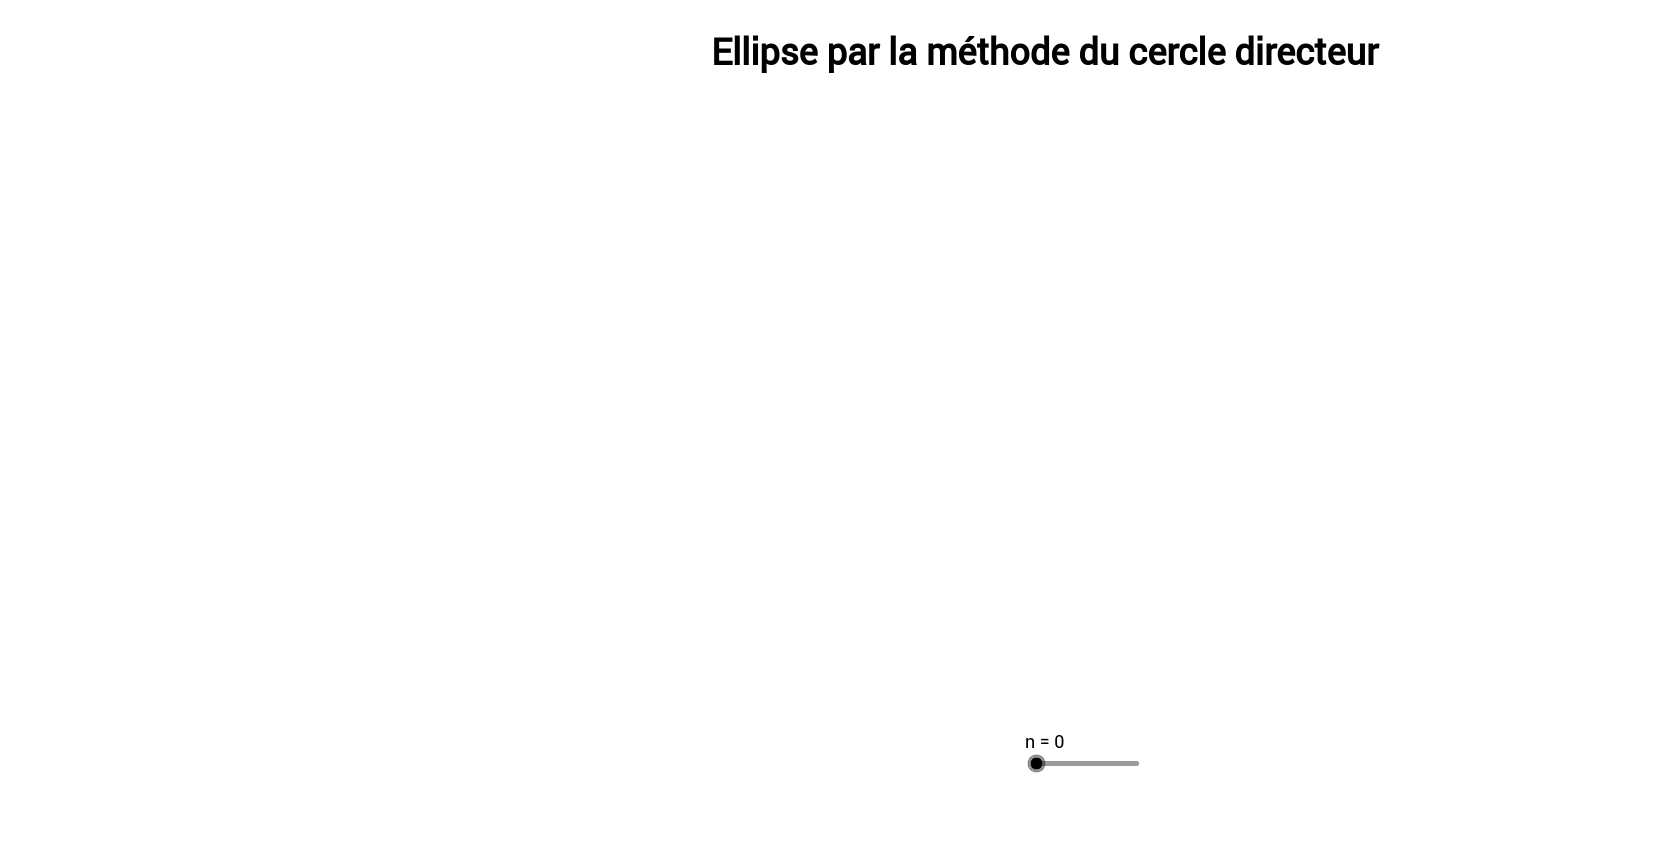 Construction de l'ellipse